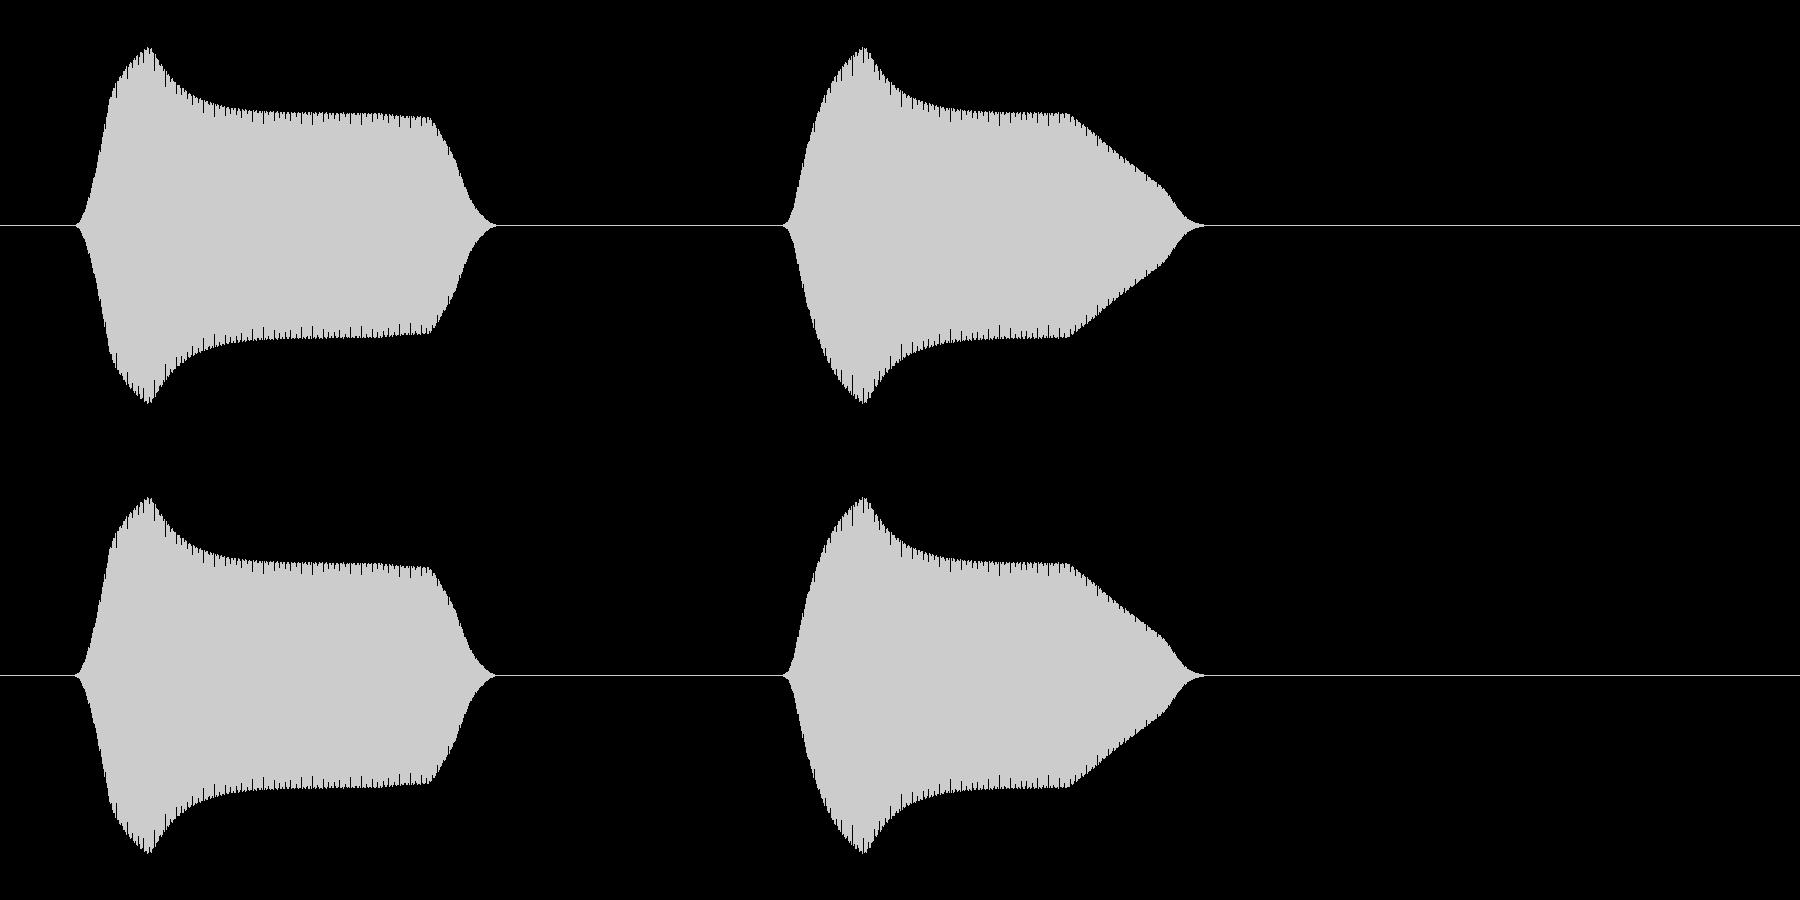 ピピッ(家電などの操作音)の未再生の波形